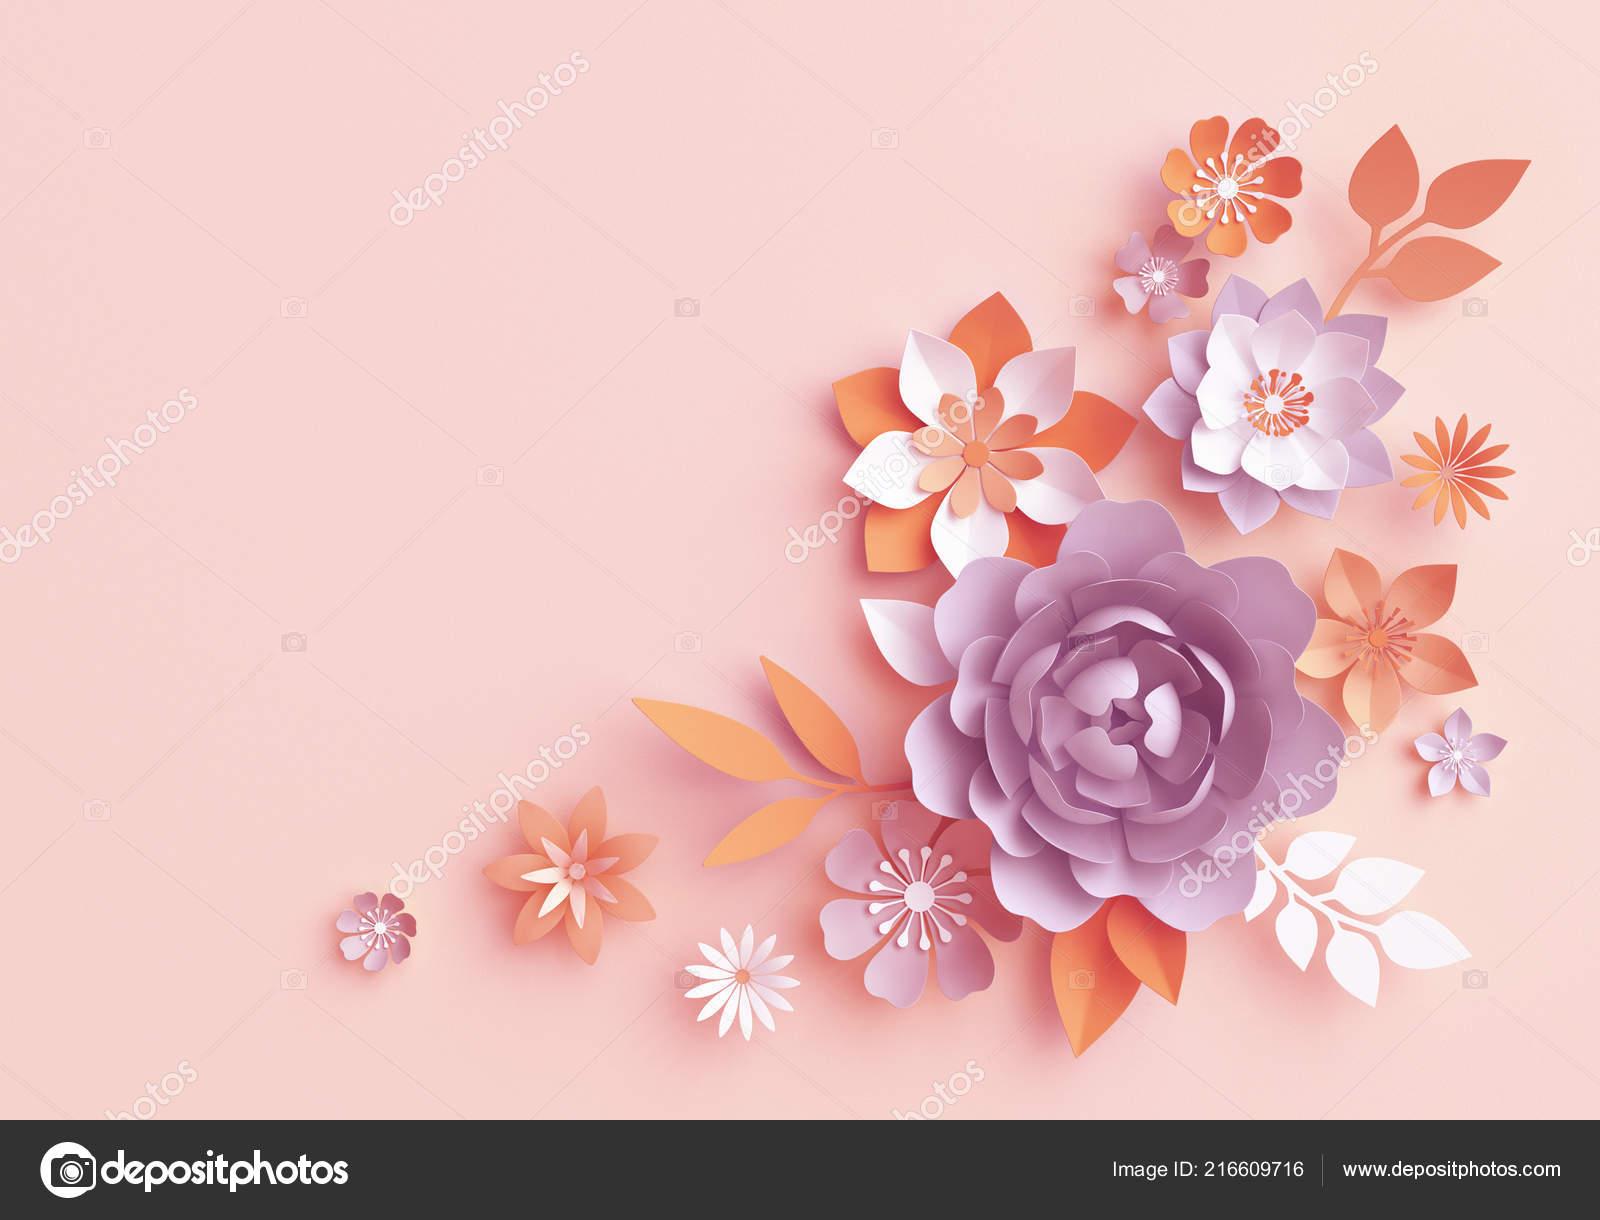 Render Flores Papel Caída Otoño Arreglo Botánico